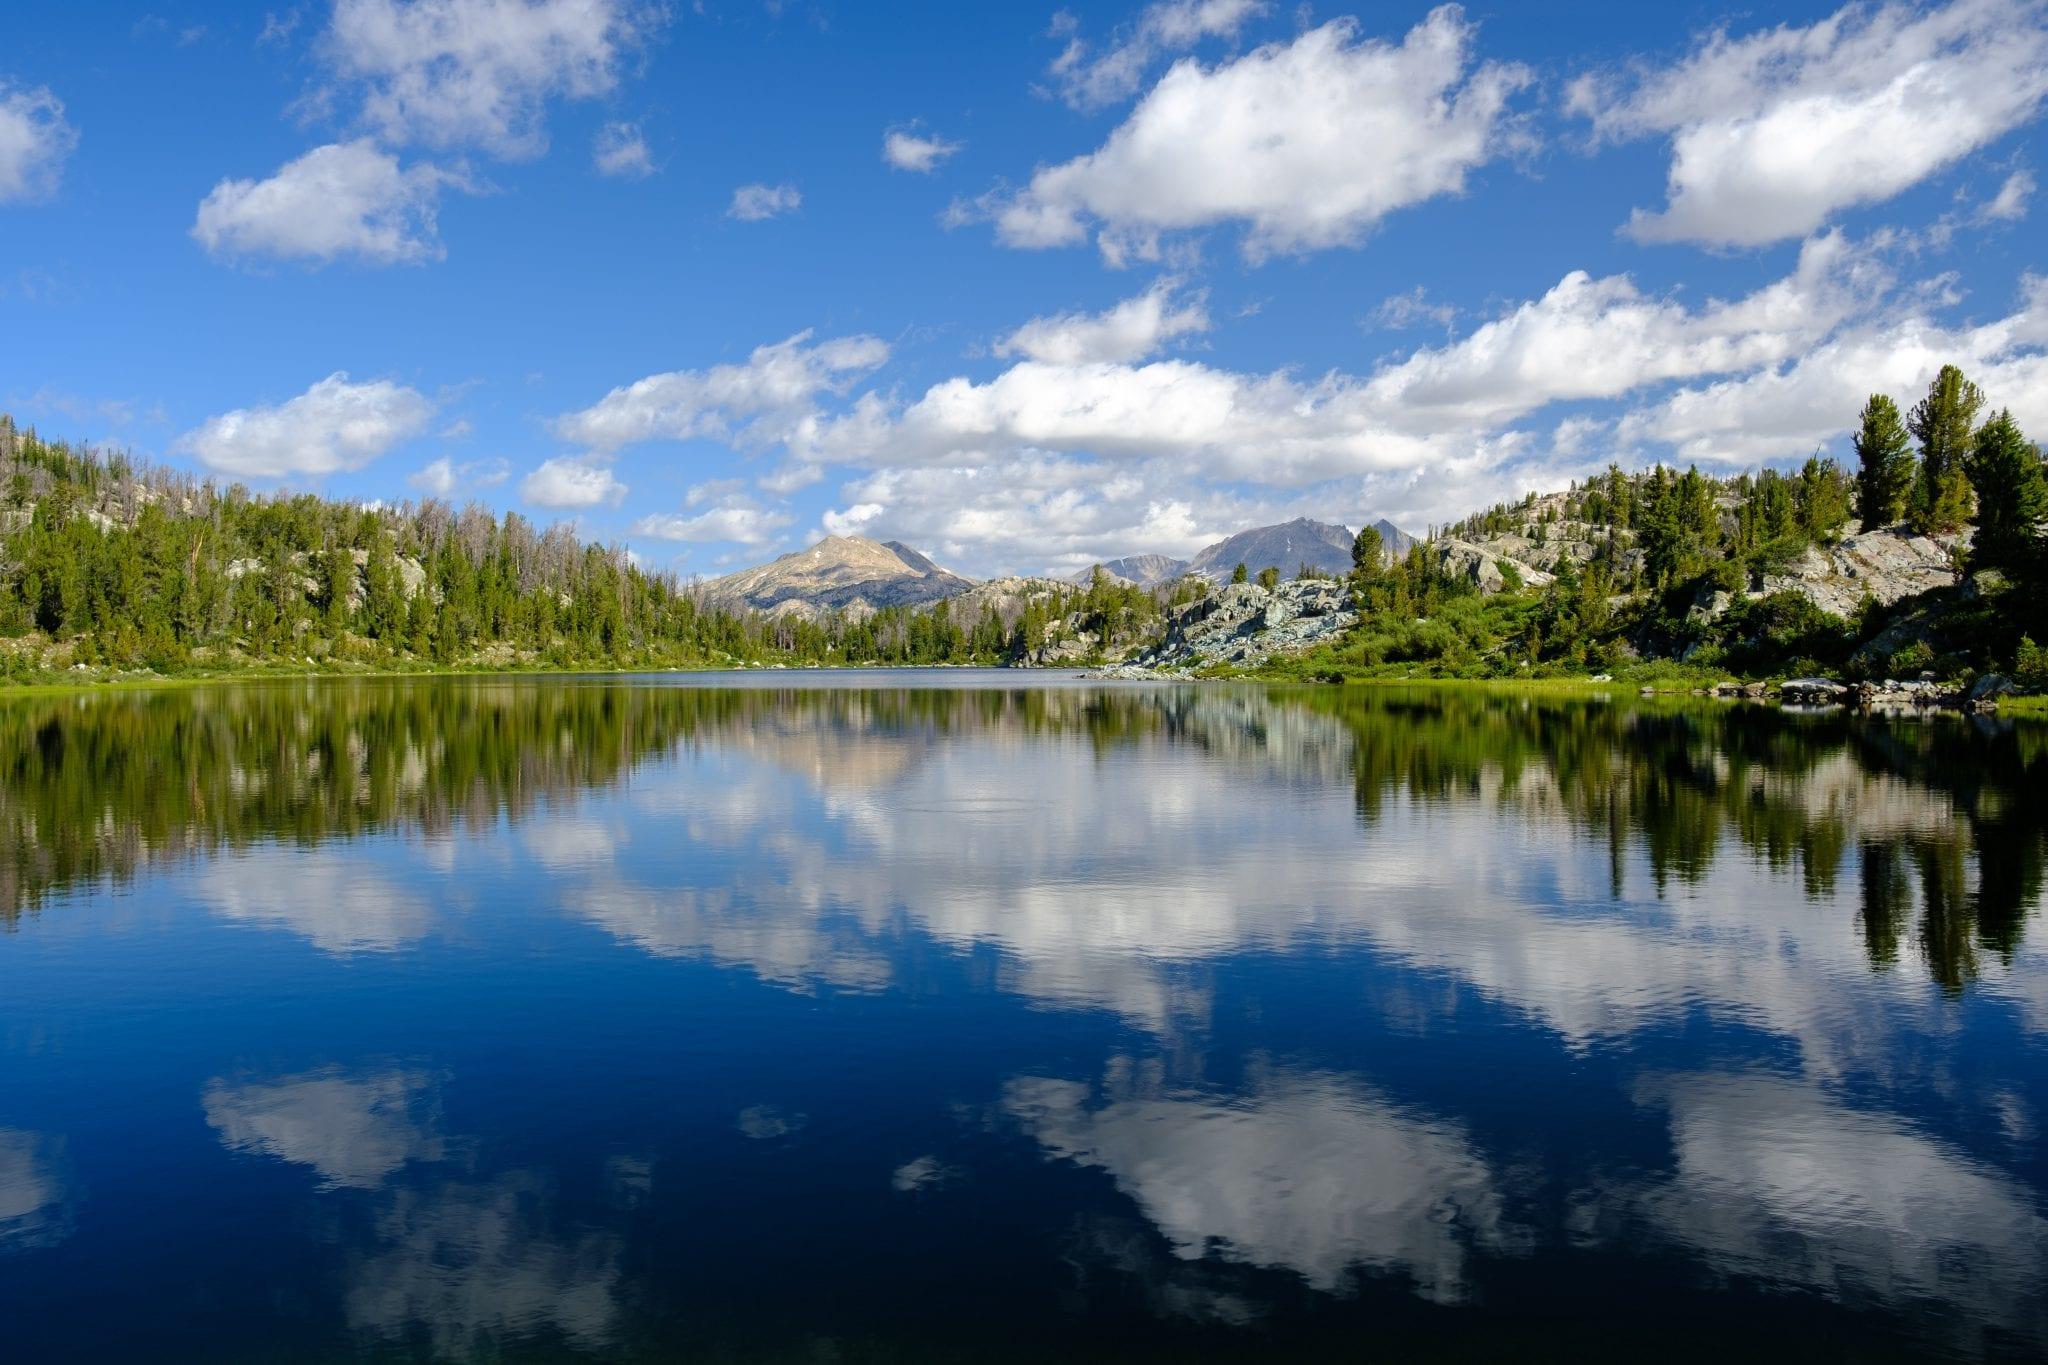 Wyoming water scene